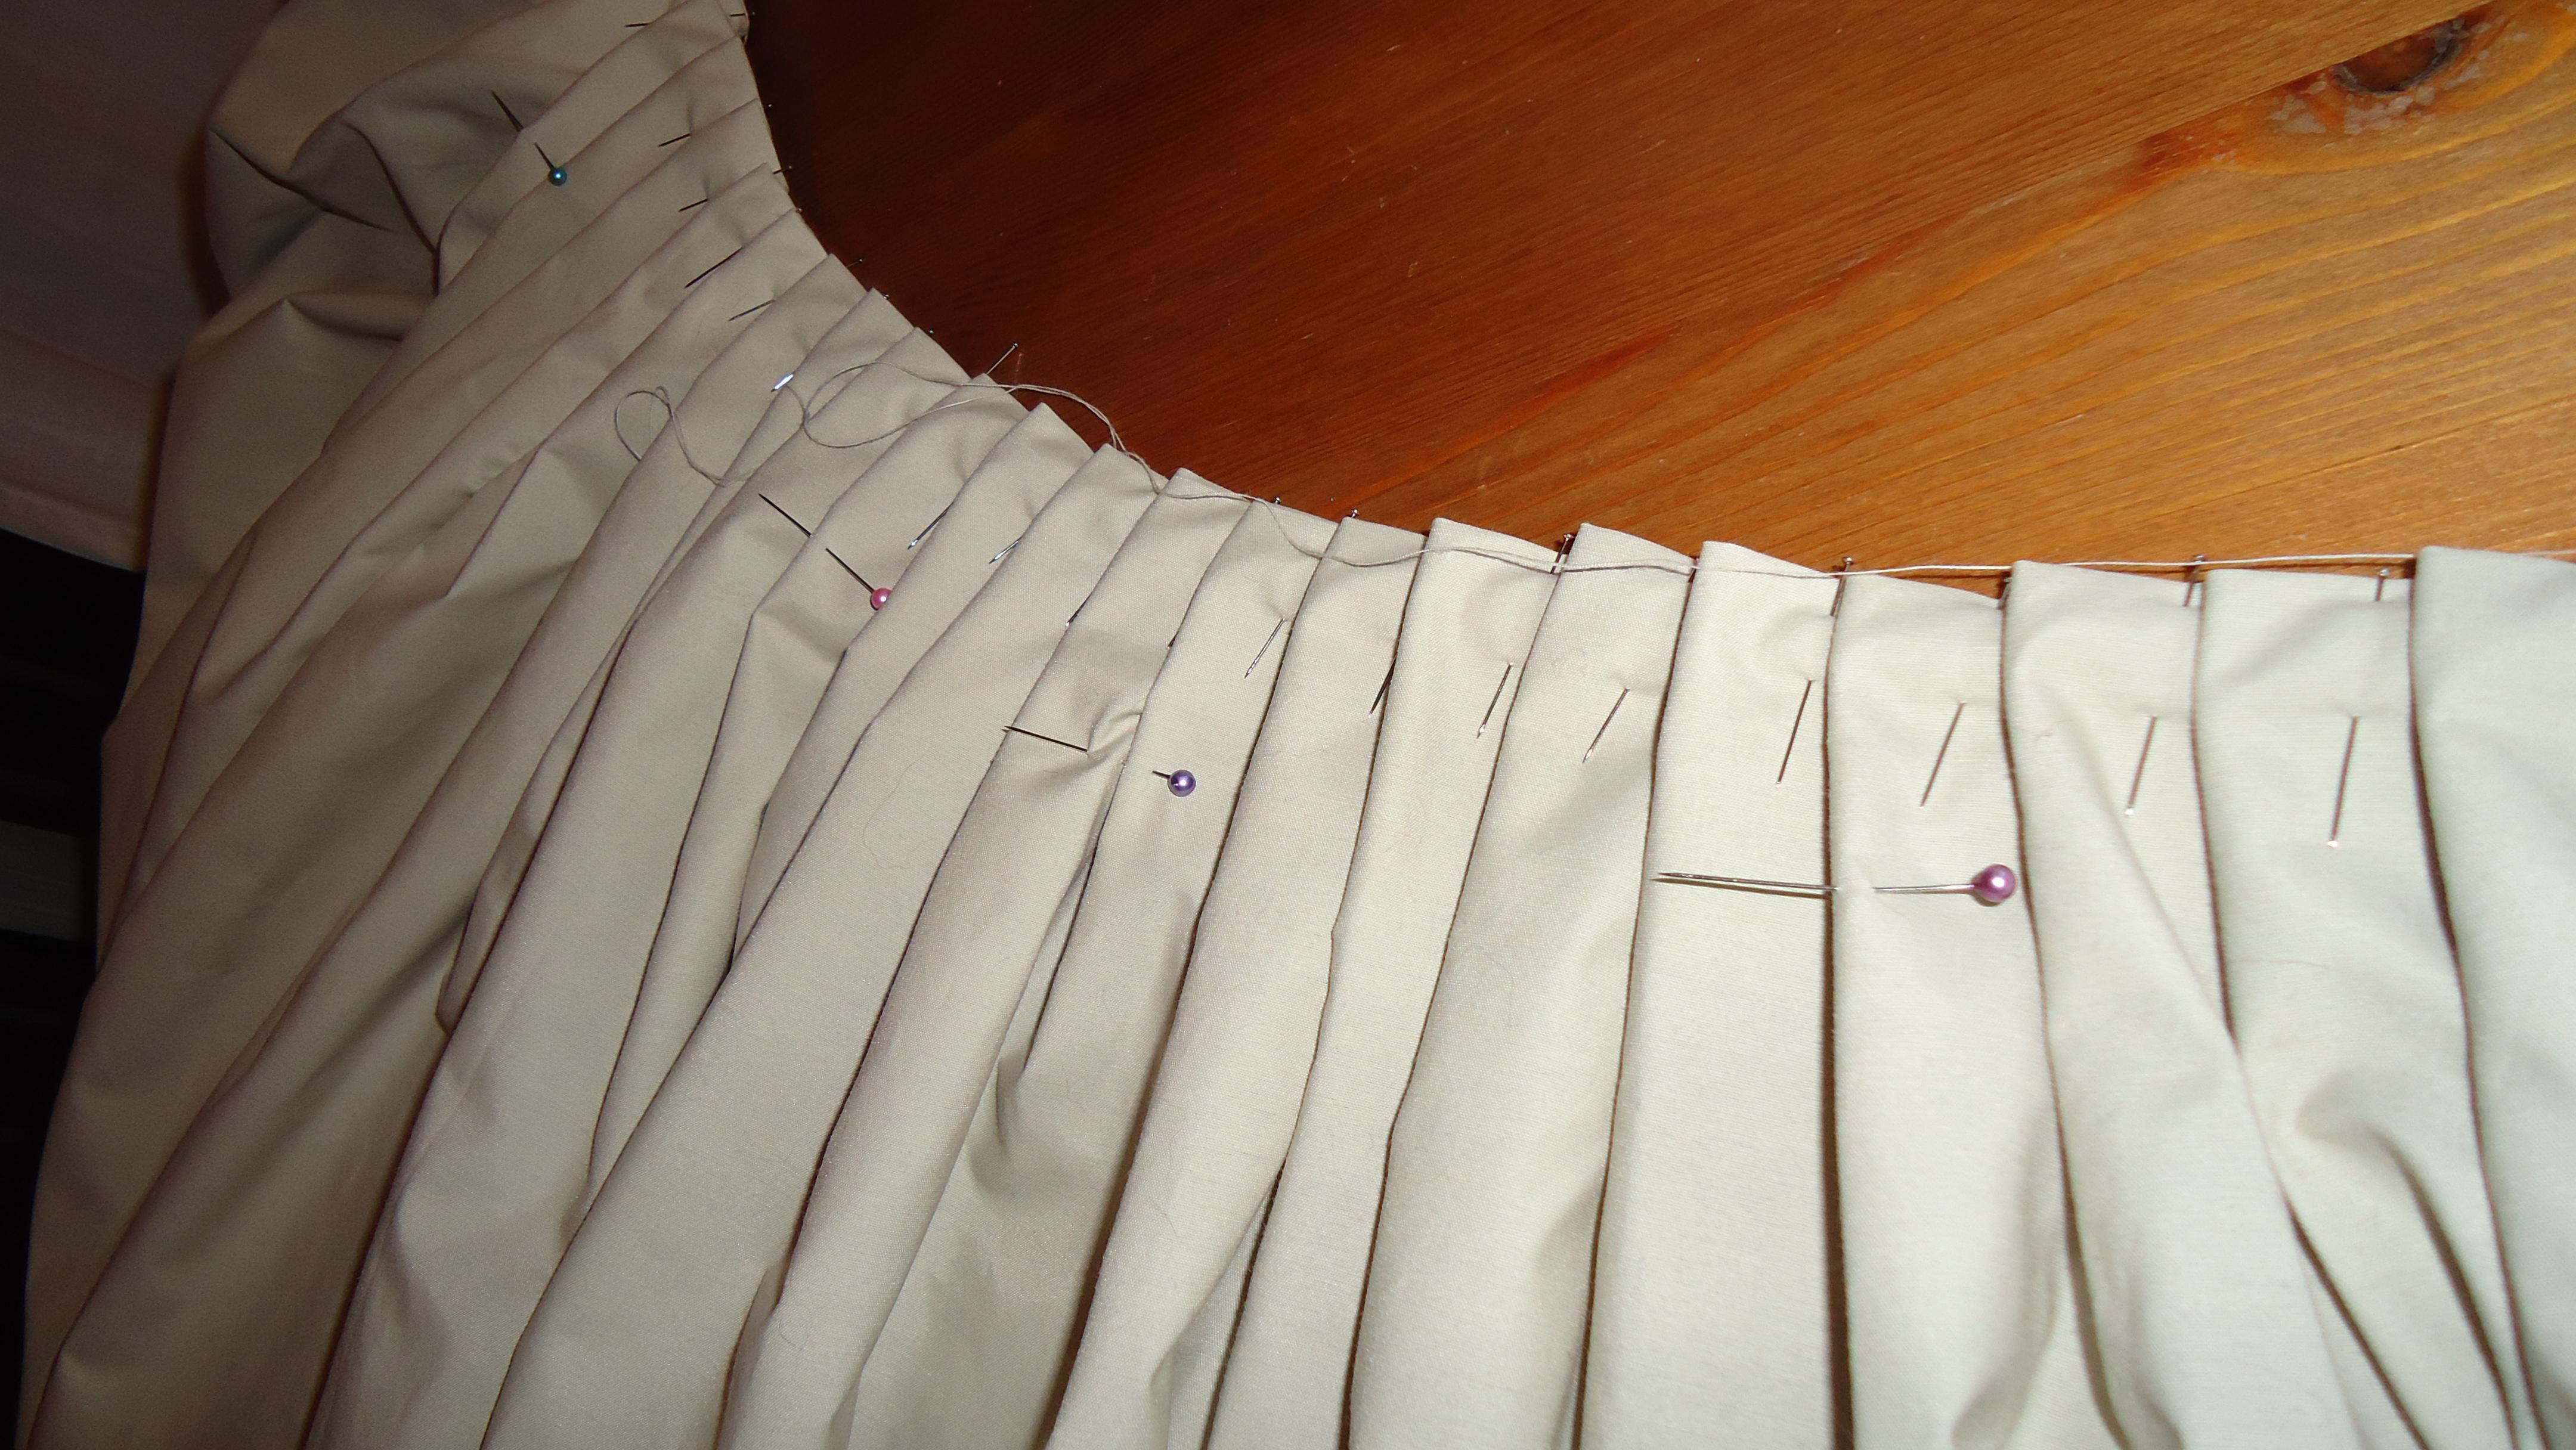 Tutoriel une robe pour c l brer le printemps 39 tites mains - Comment faire des rideaux a plis francais ...